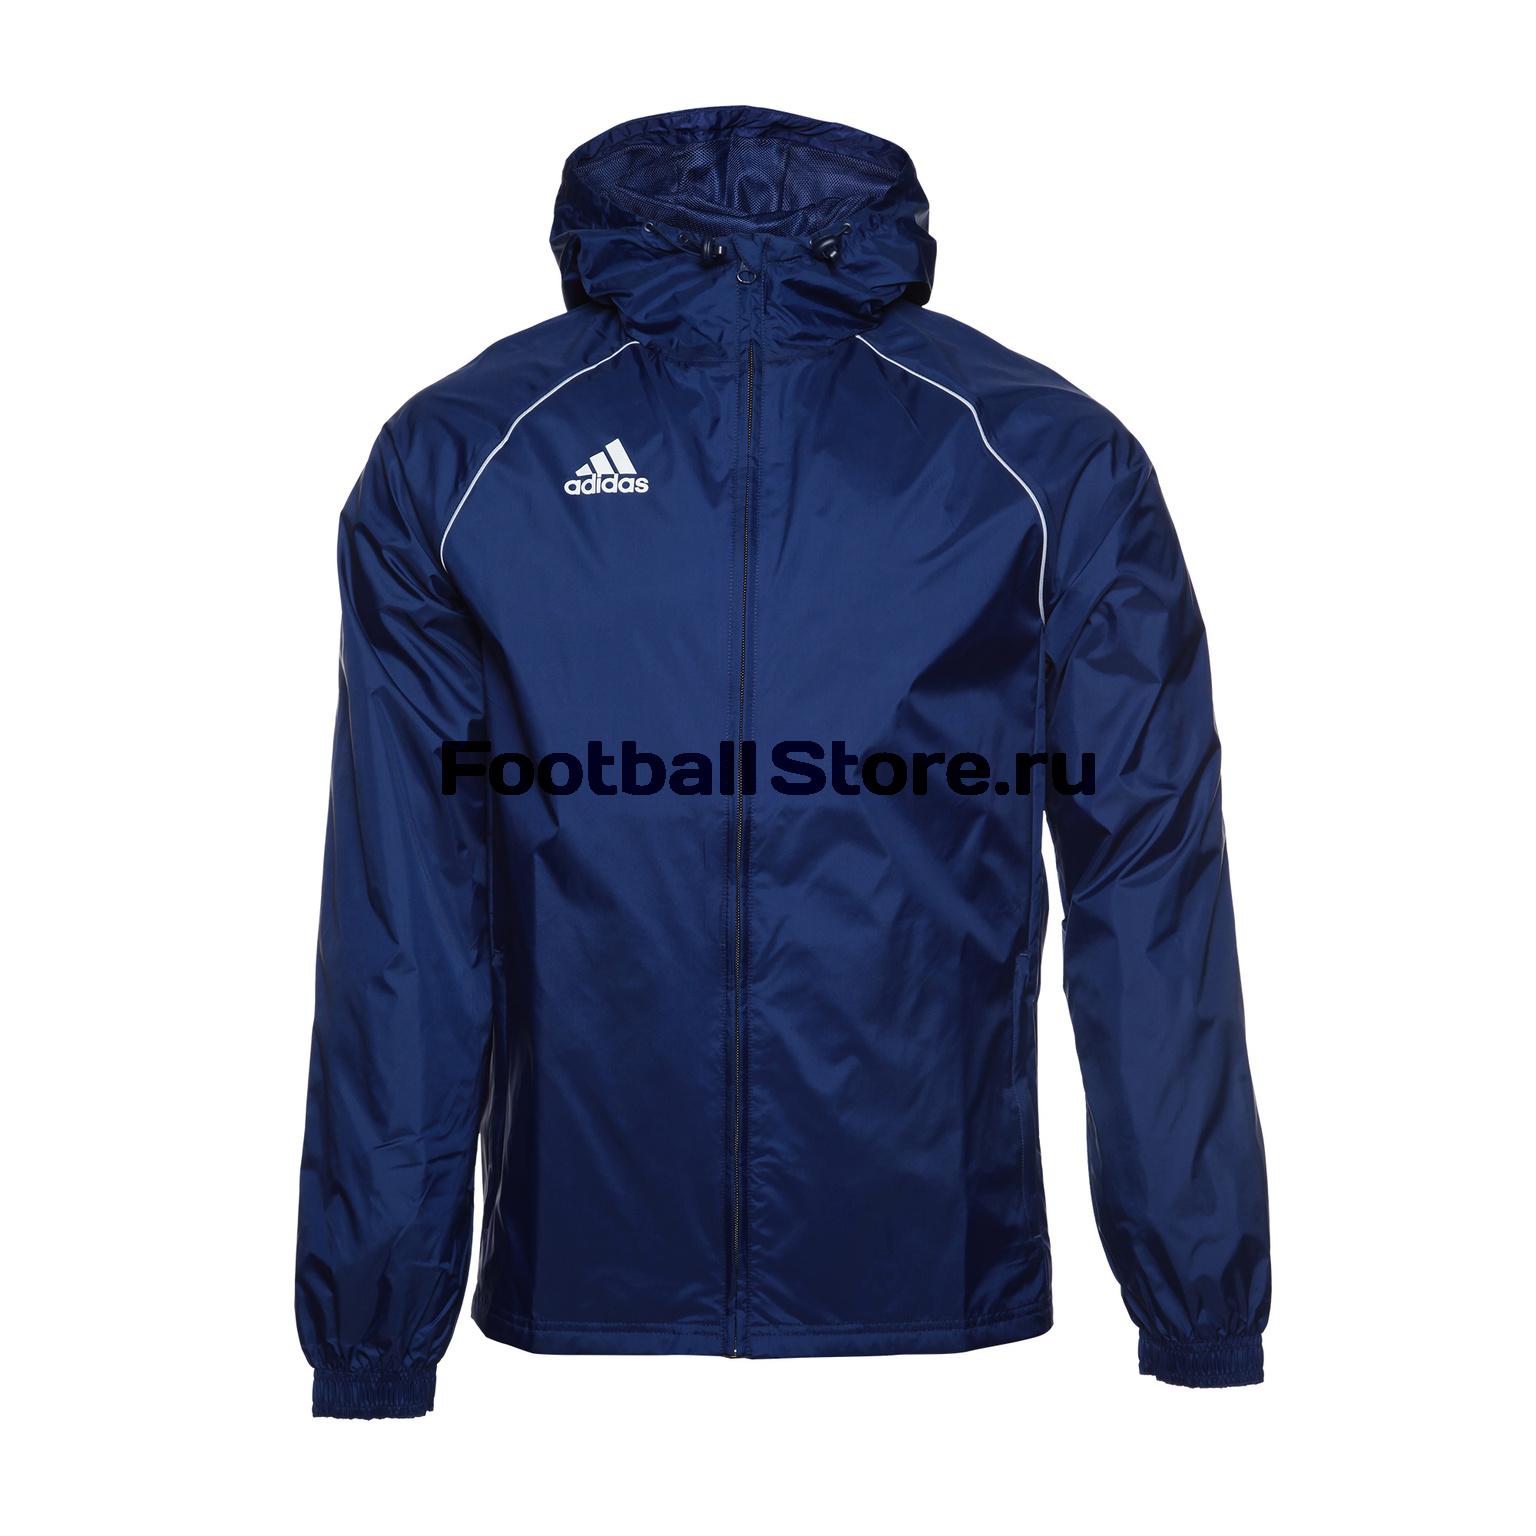 Ветровка Adidas Core18 Rain Jkt CV3694 куртки adidas куртка kanoip pd jkt